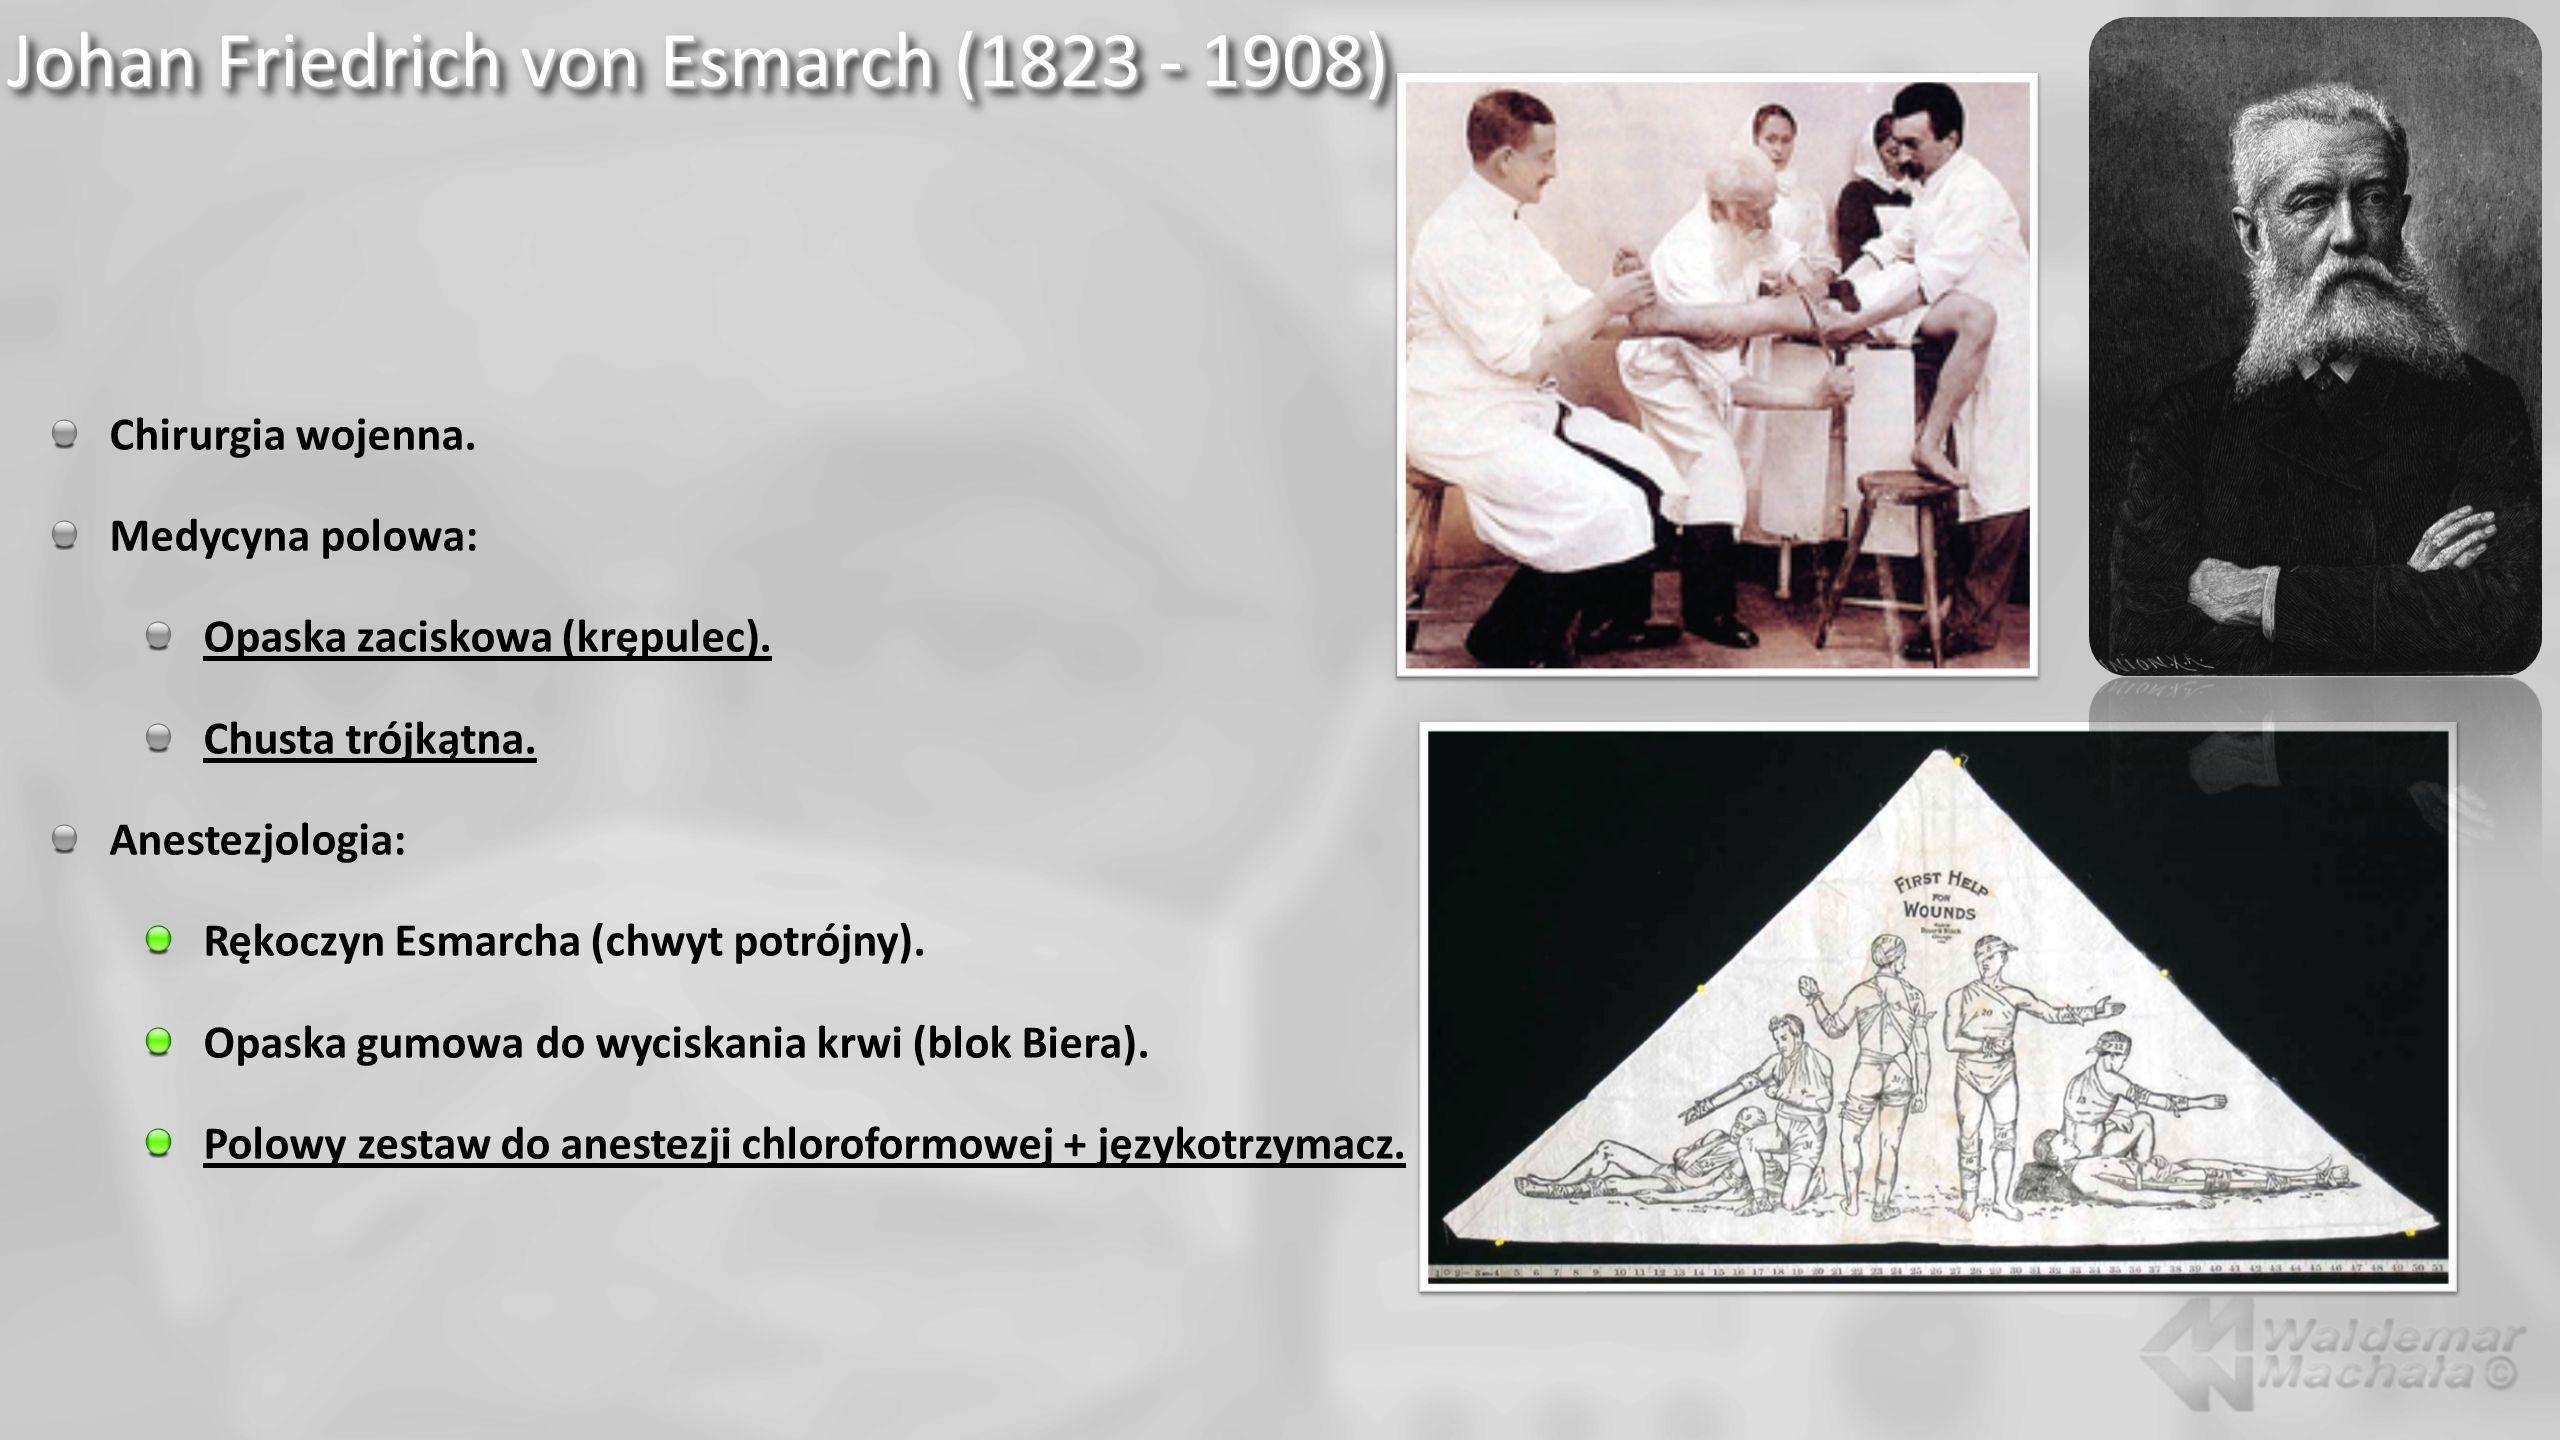 Johan Friedrich von Esmarch (1823 - 1908)